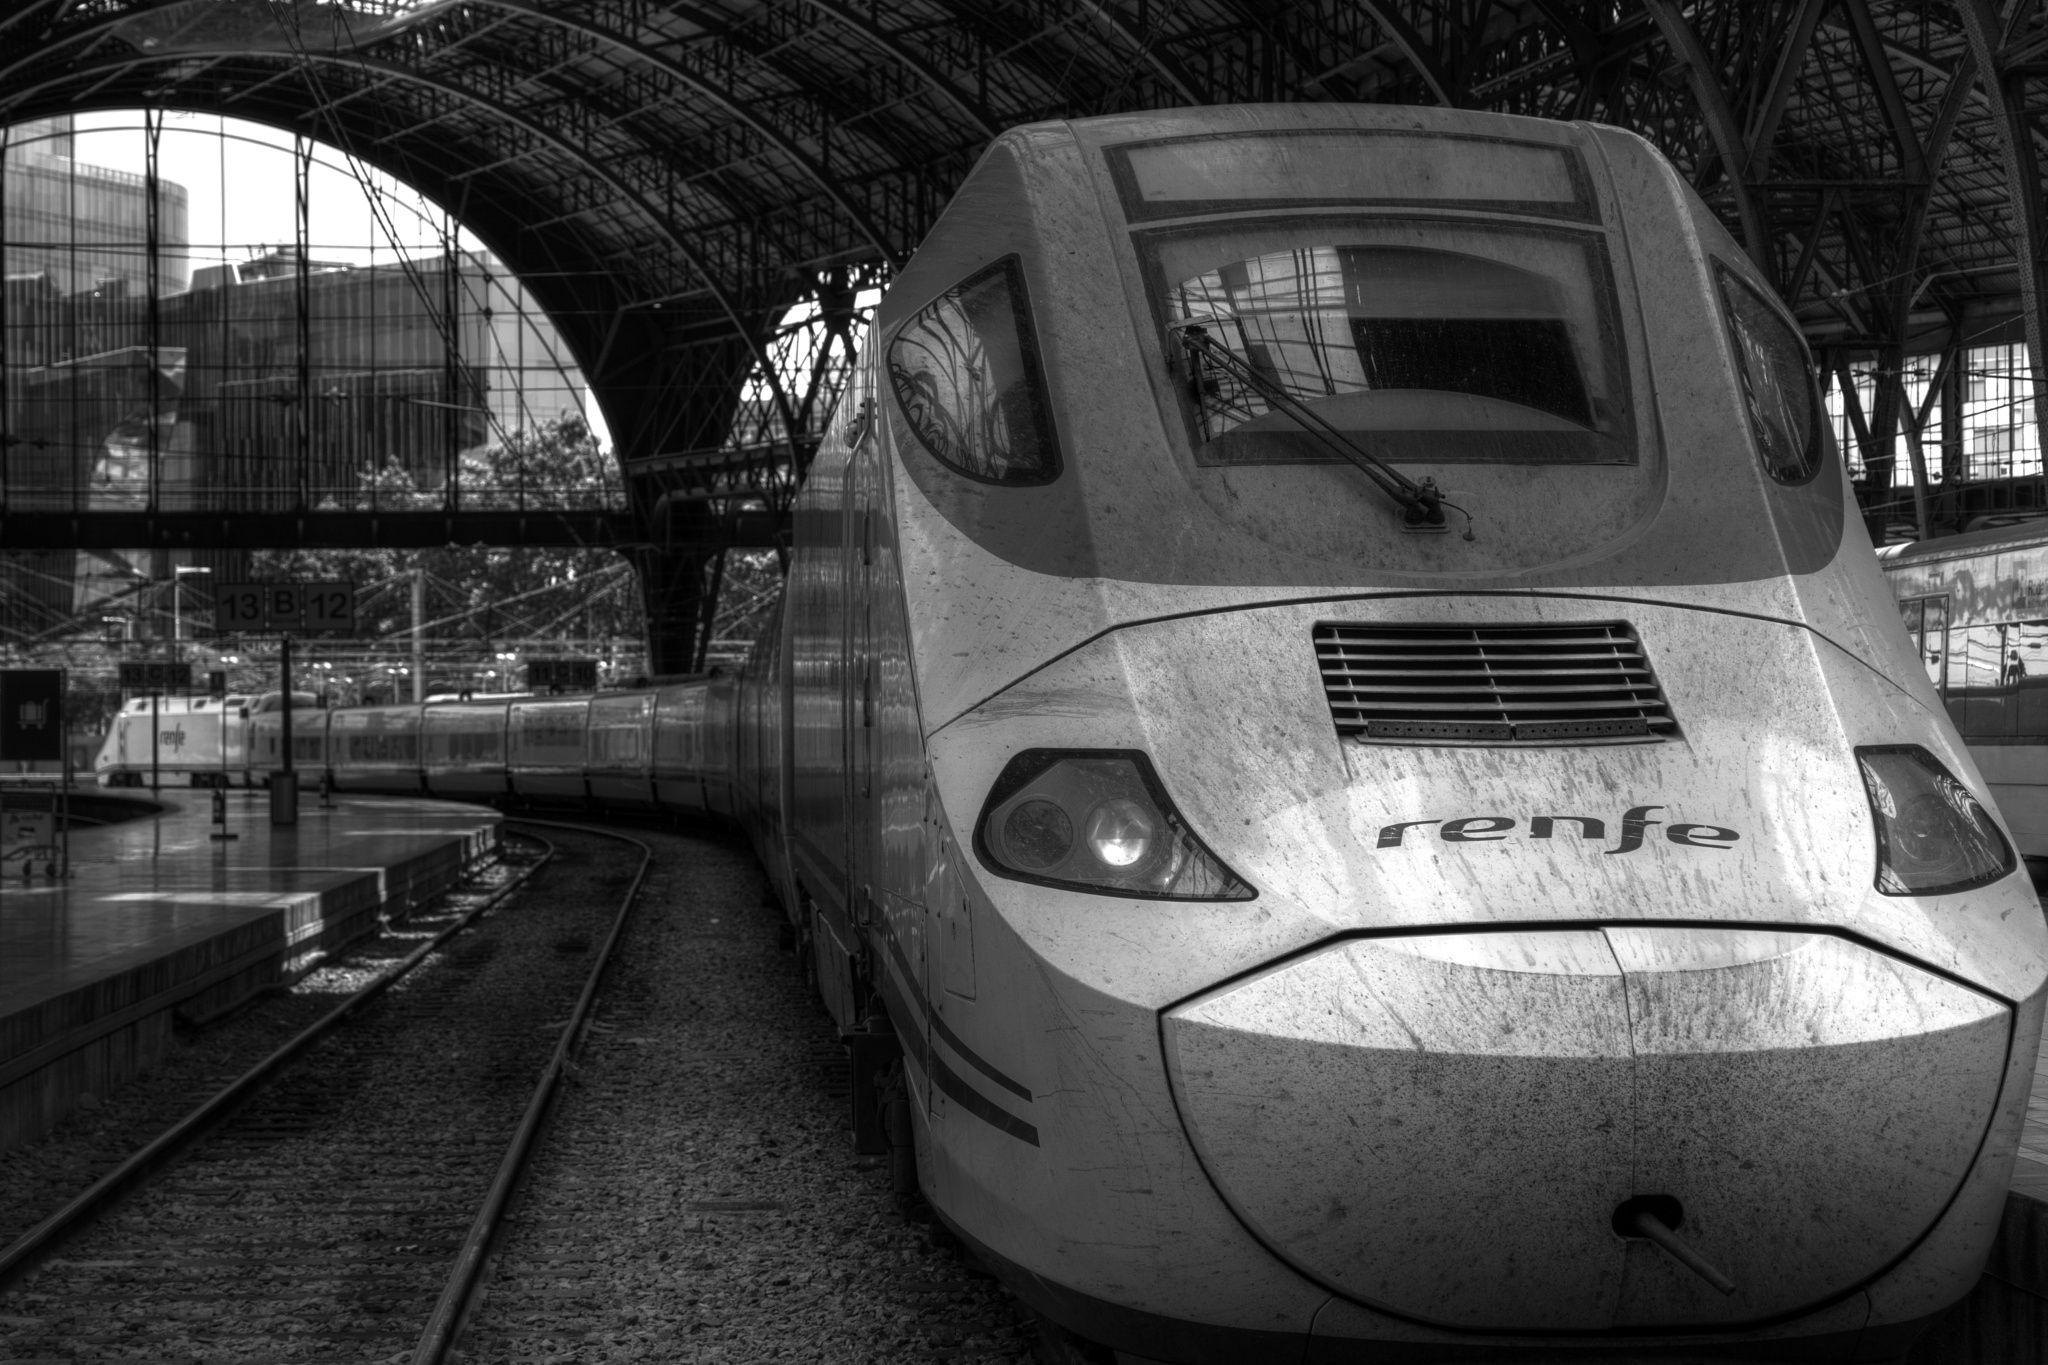 El Regreso a Casa - Estación de Francia (Barcelona)